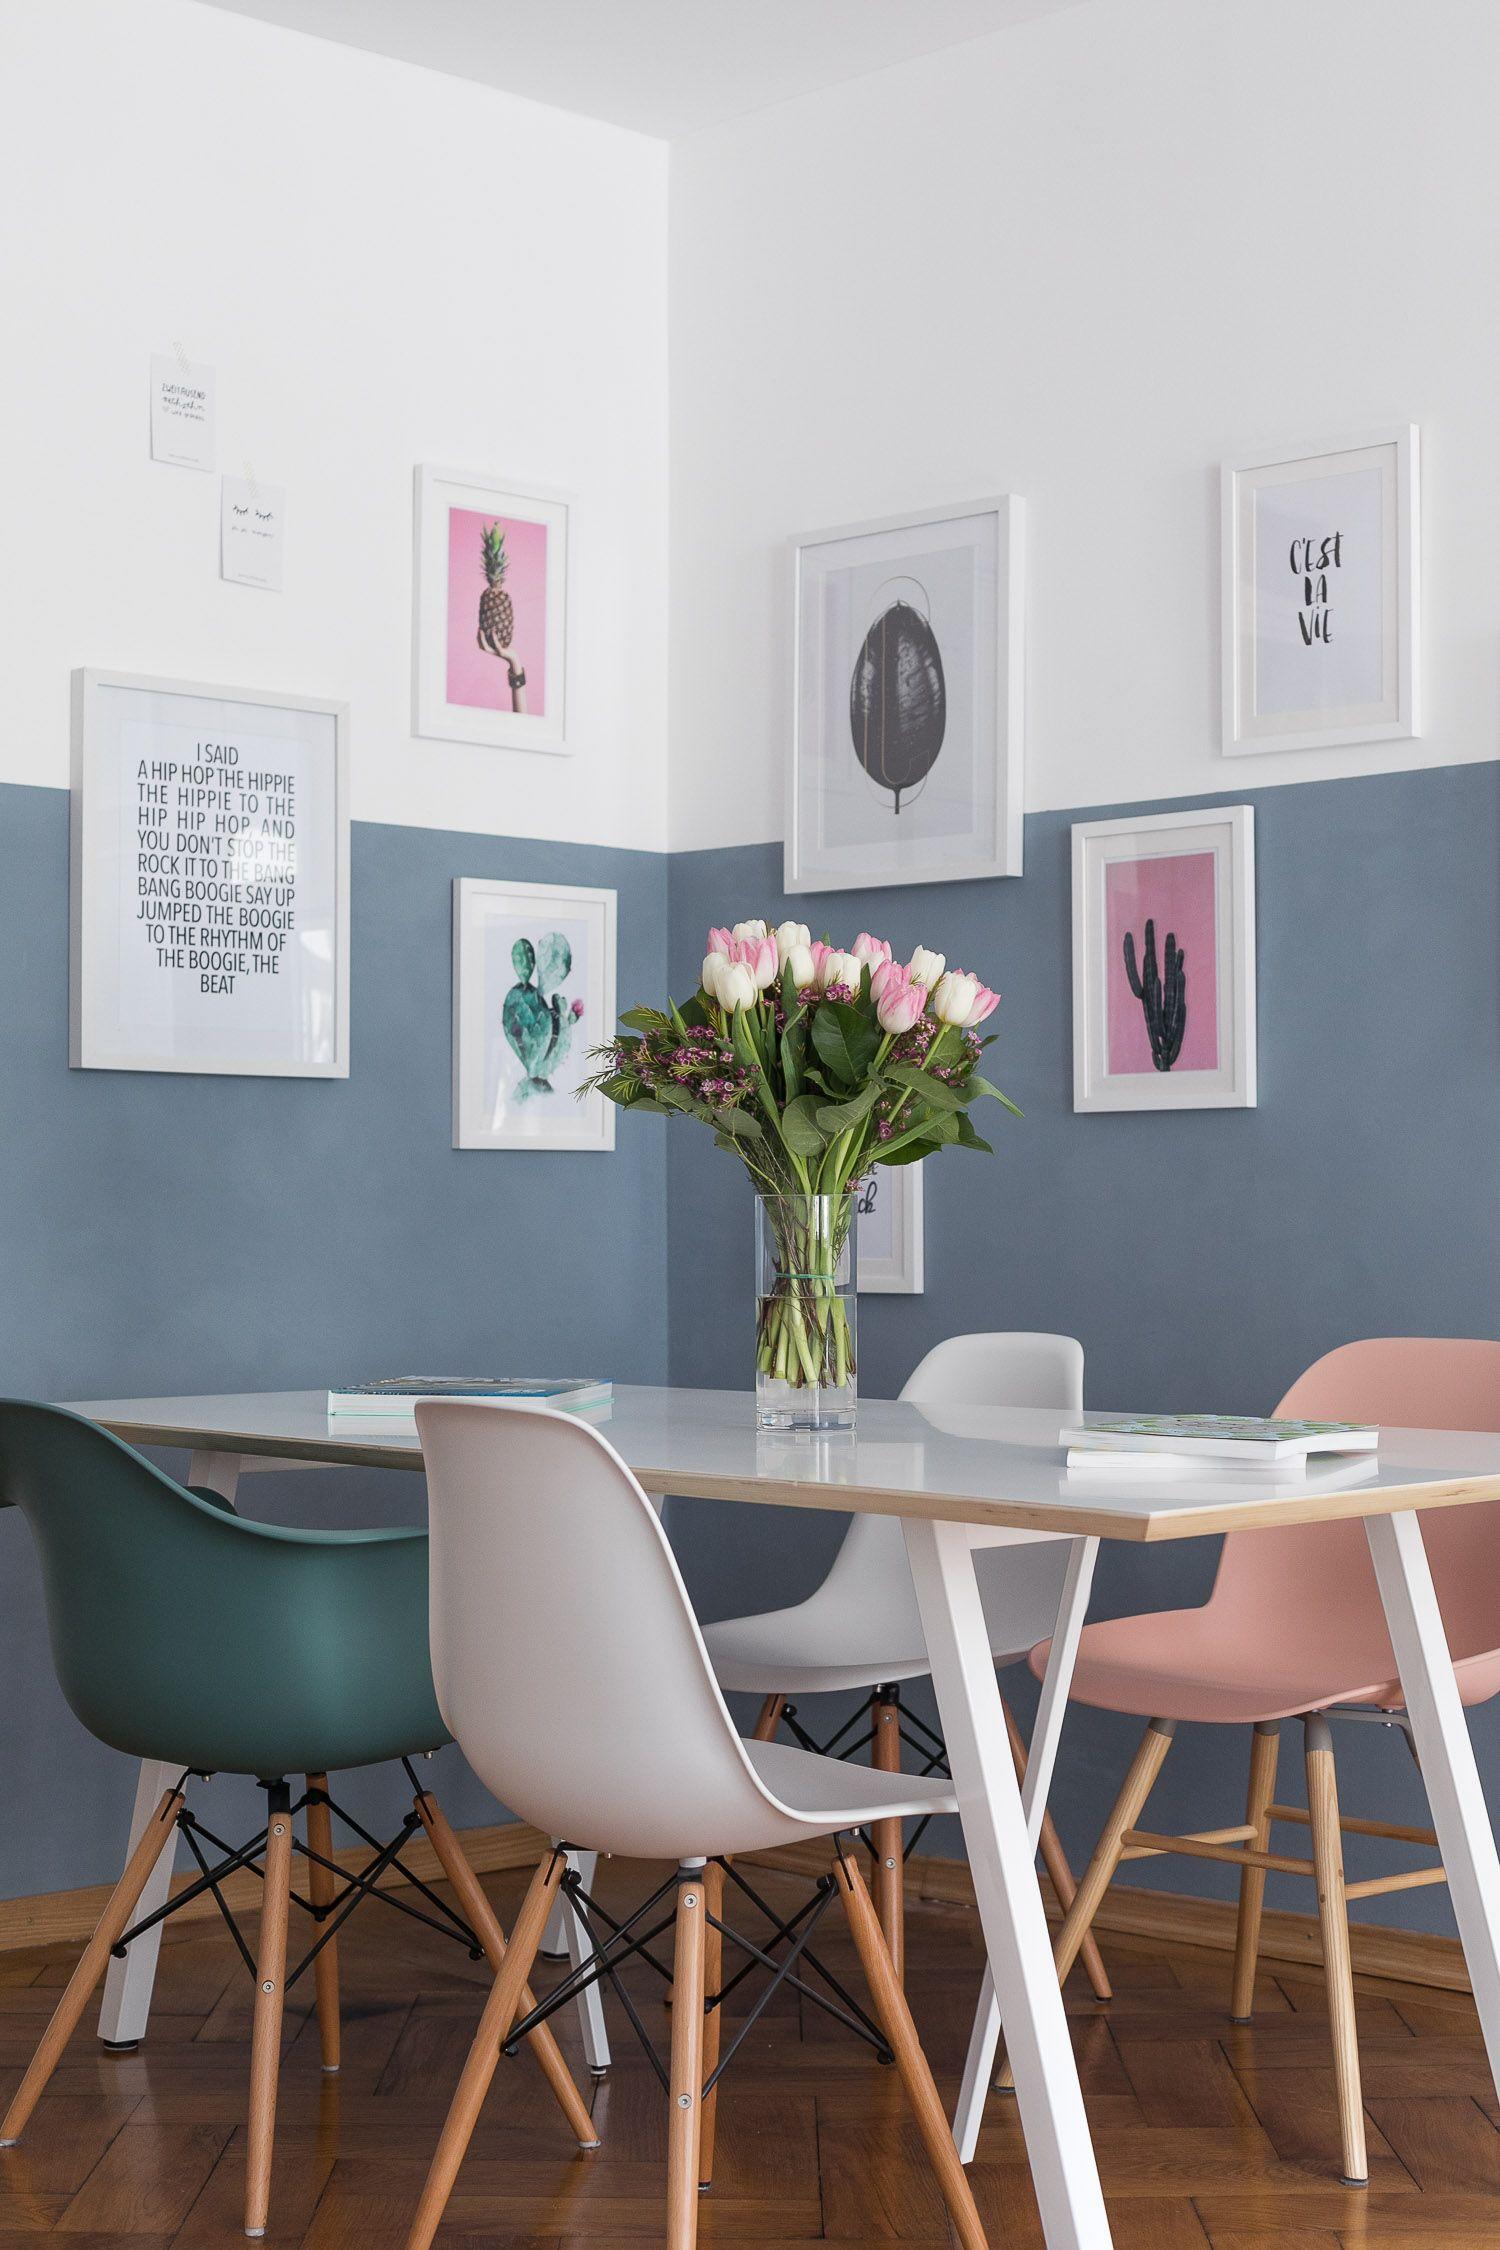 wand halb blau gestrichen mit gerahmten bildern wohnen pinterest gerahmte bilder rahmen. Black Bedroom Furniture Sets. Home Design Ideas